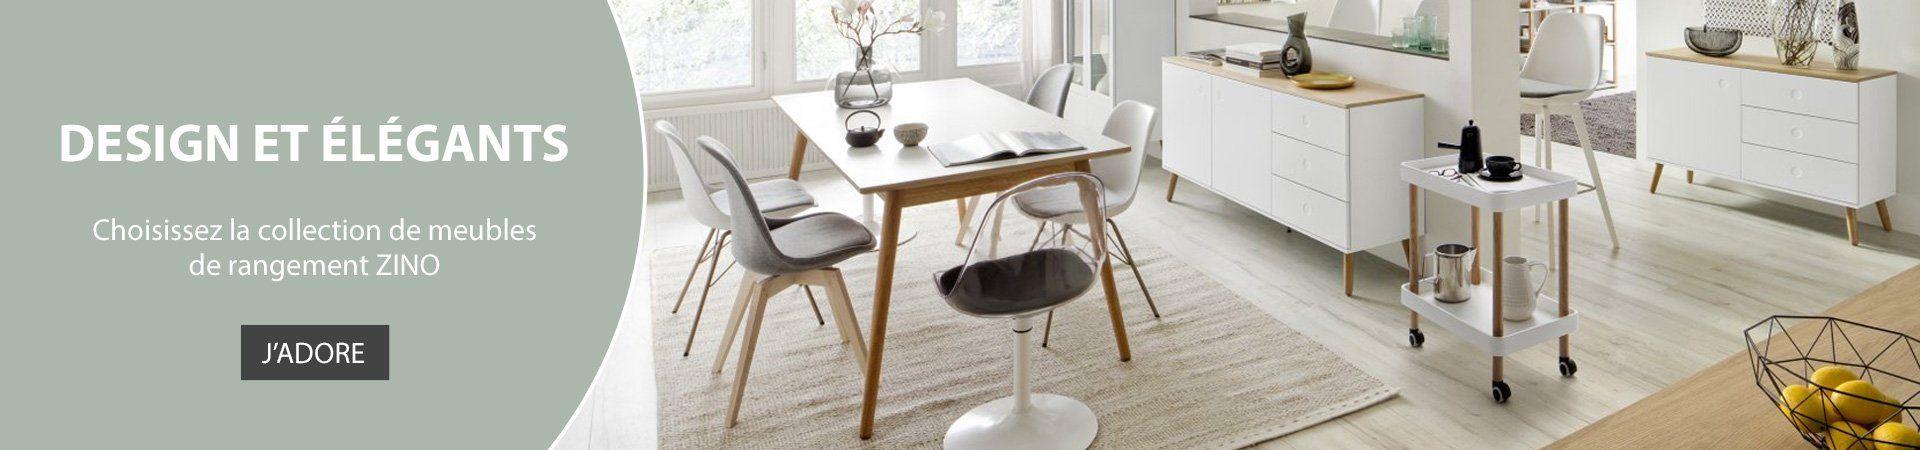 L'élégance des pays nordiques, découvrez les meubles de rangement ZINO